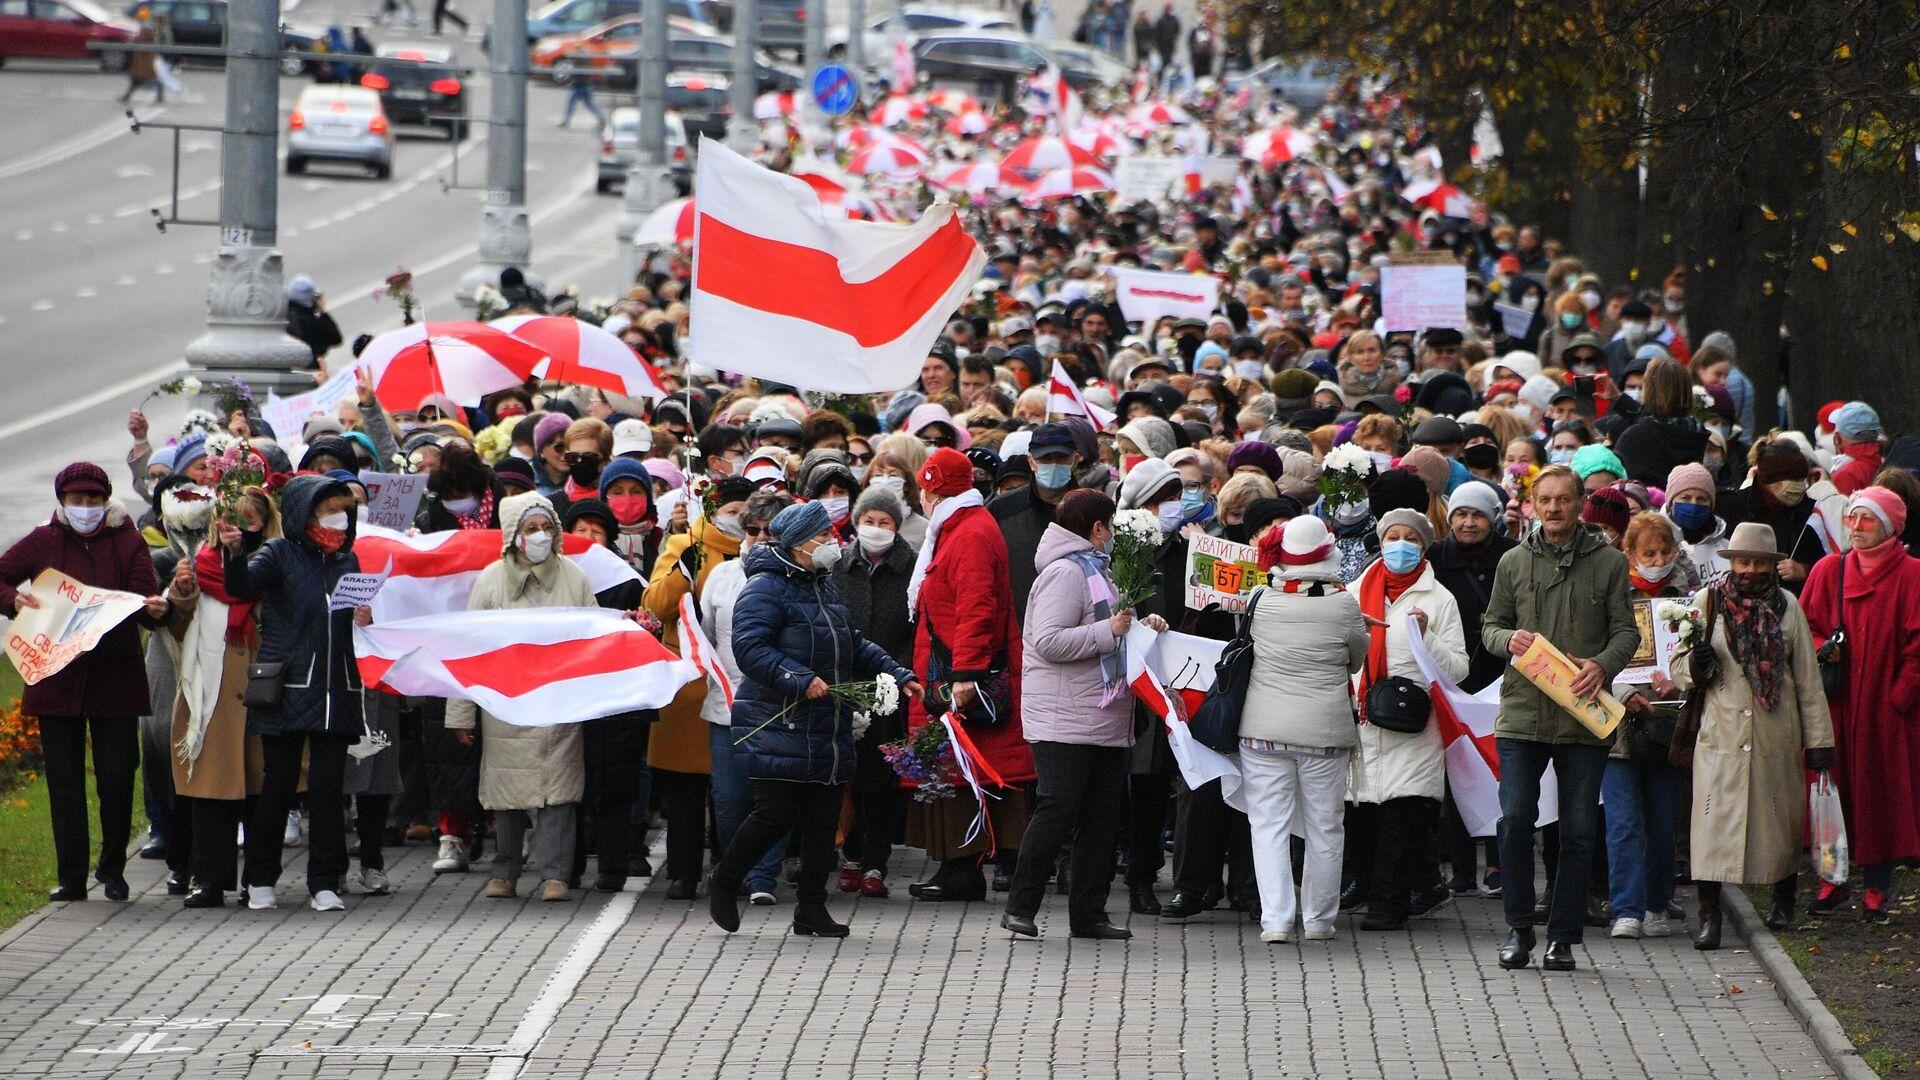 Участники акции протеста пенсионеров Марш мудрости в Минске - РИА Новости, 1920, 23.10.2020